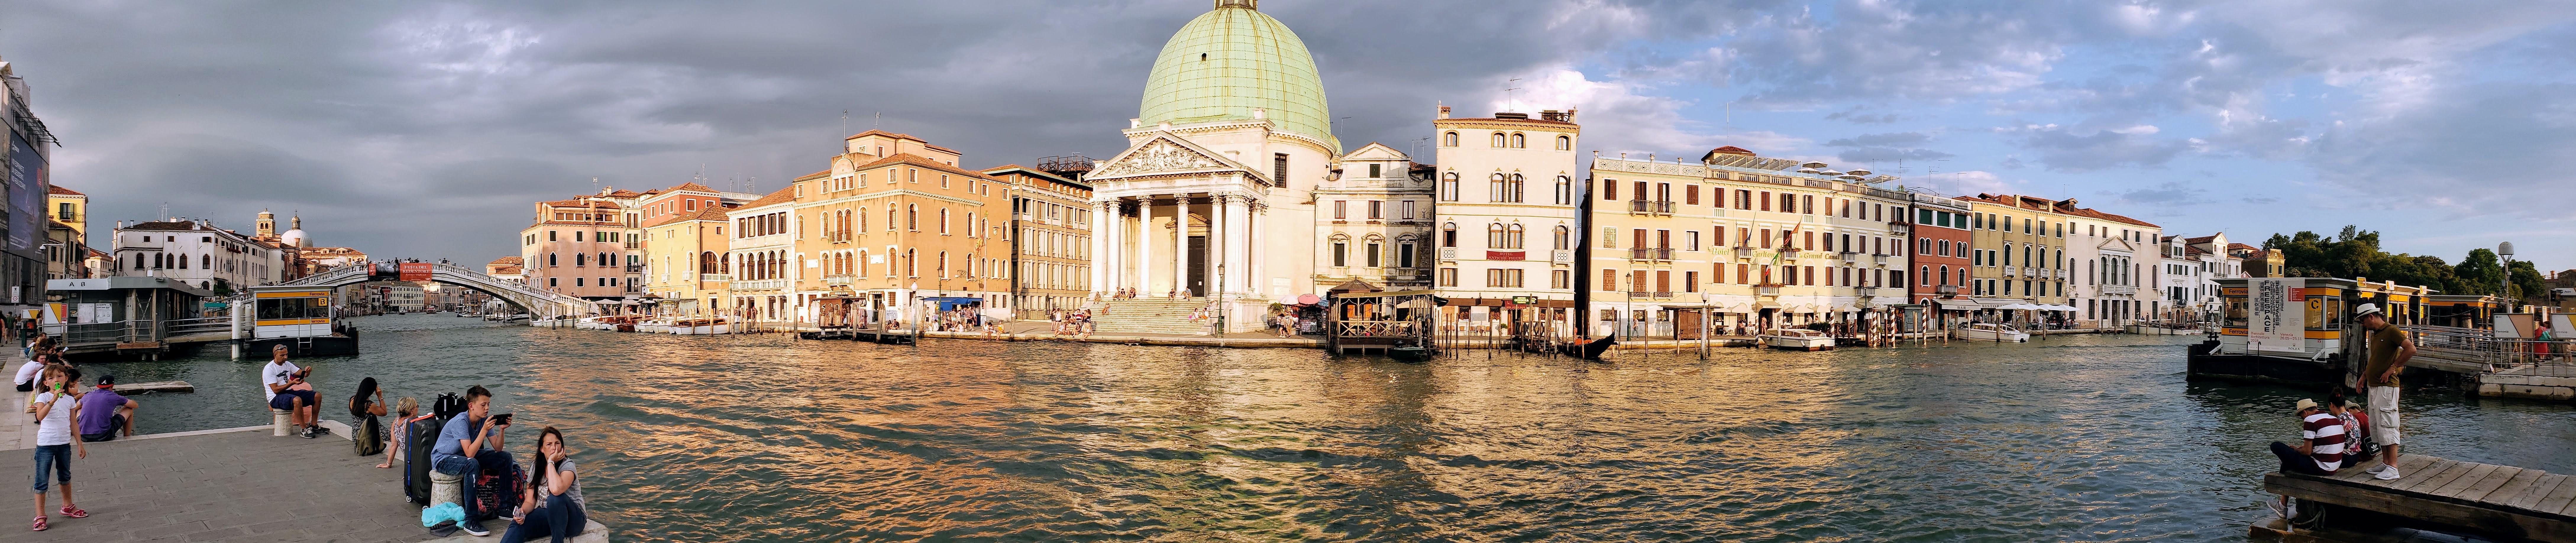 Venice, Veneto, Italy – 2 Day Trip